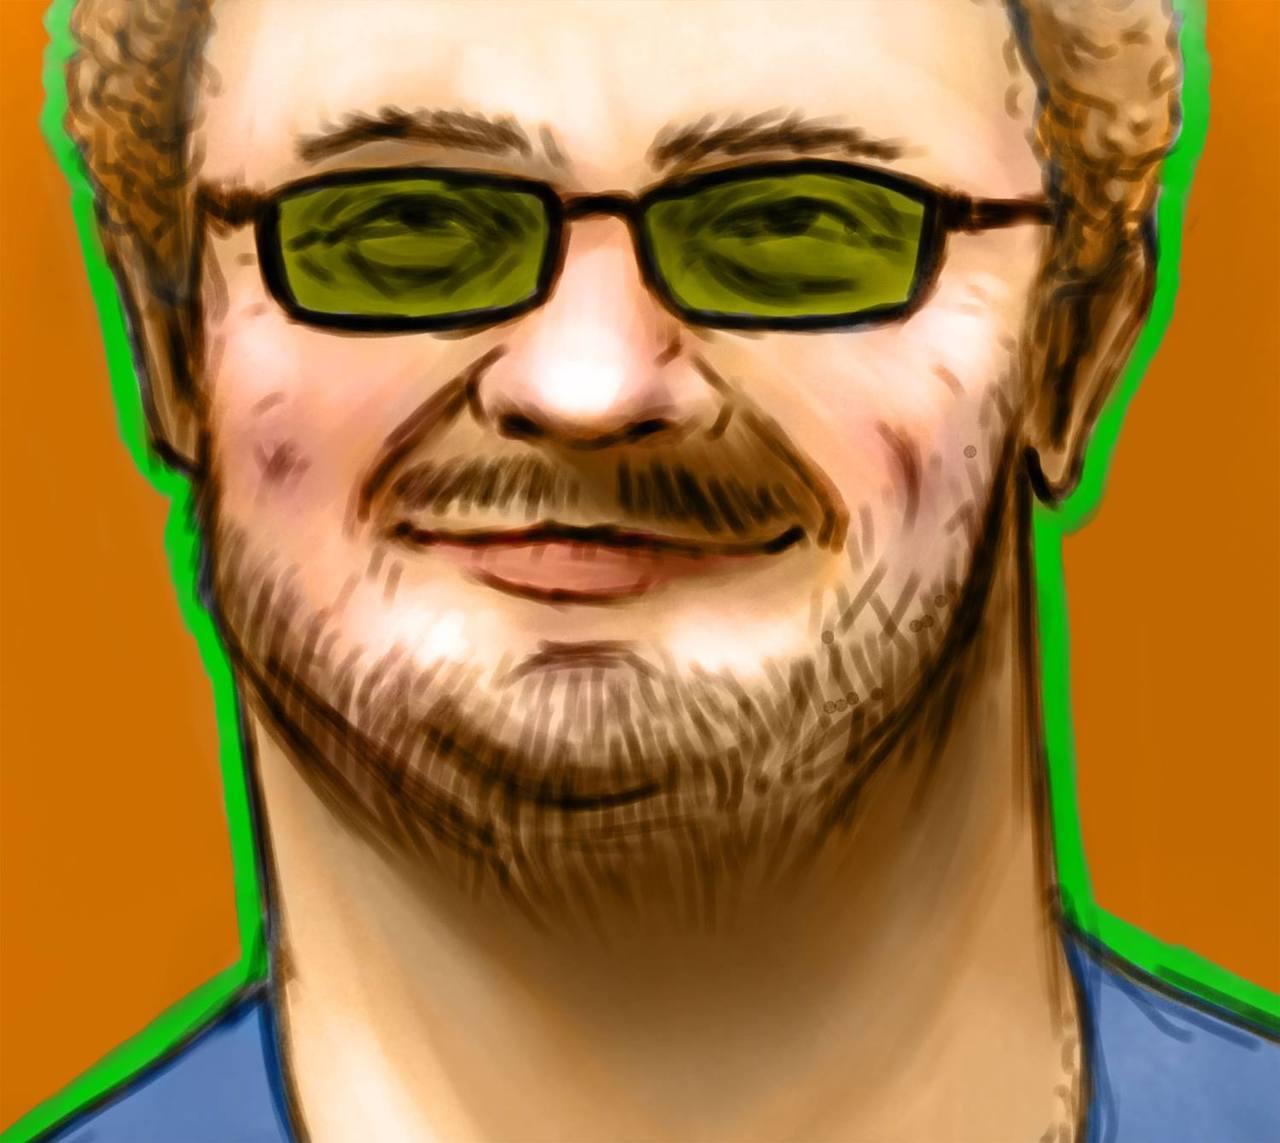 Self portrait by Austin Balaich. Follow him ataustinbalaich.tumblr.com.